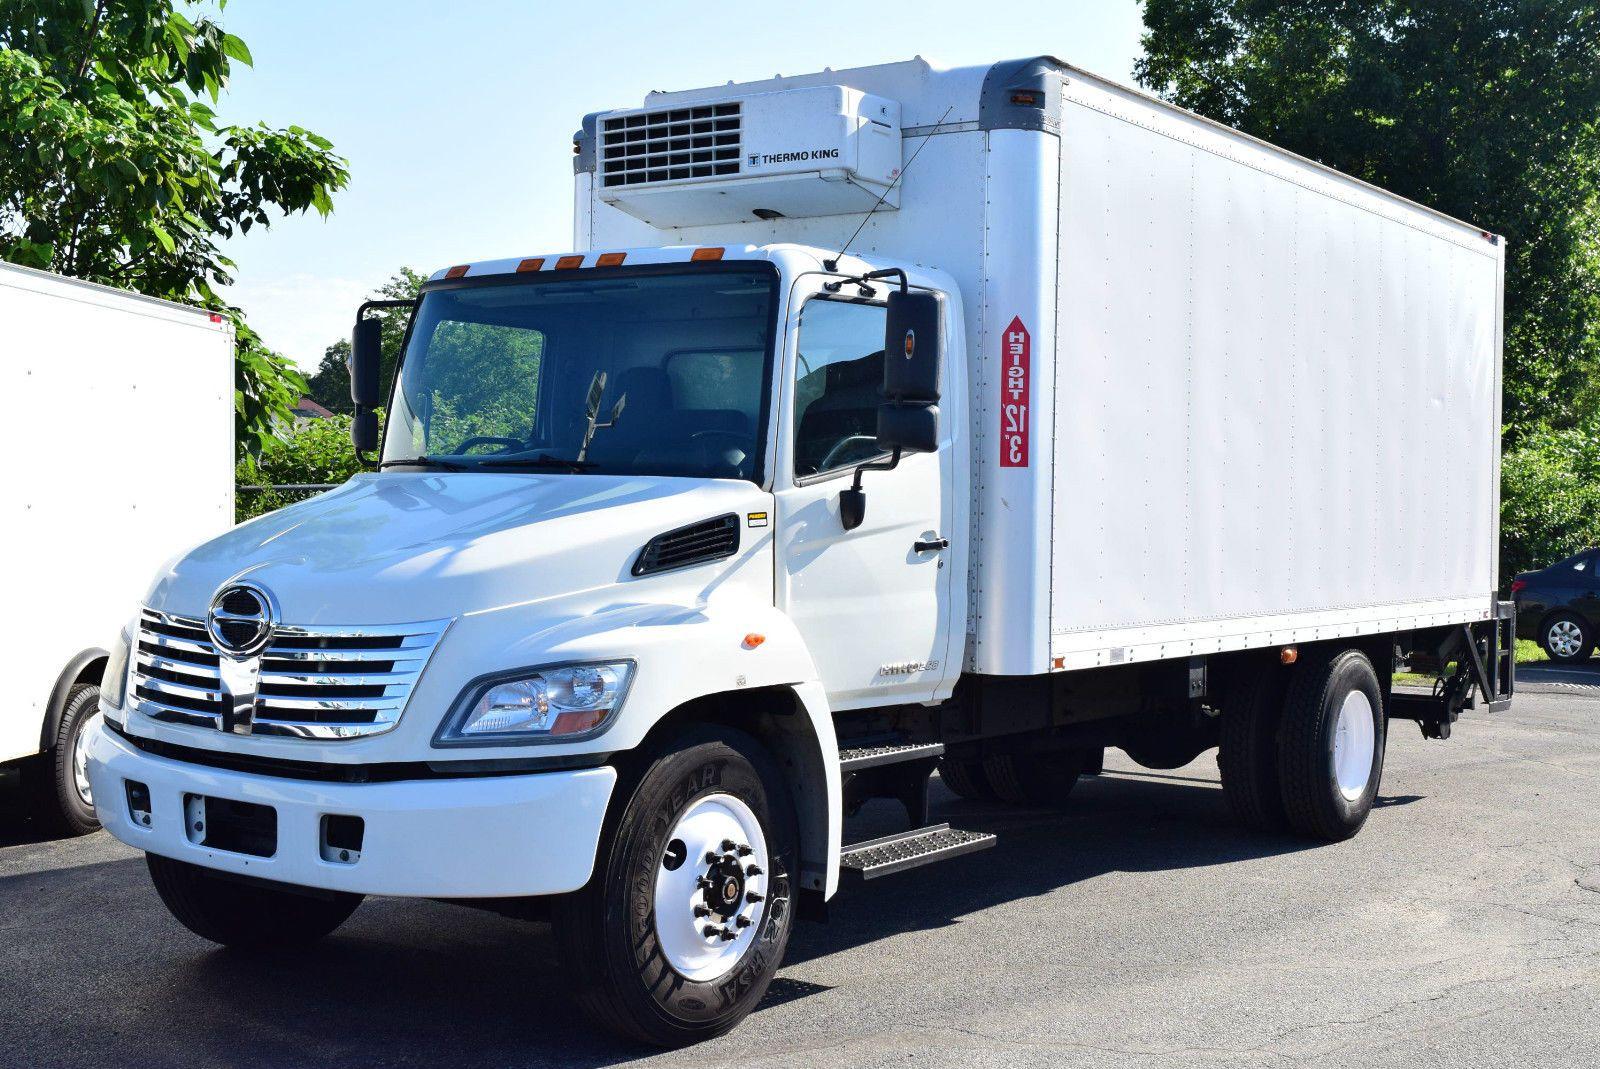 2010 Hino 268 Box Truck Trucks For Sale Trucks Hino